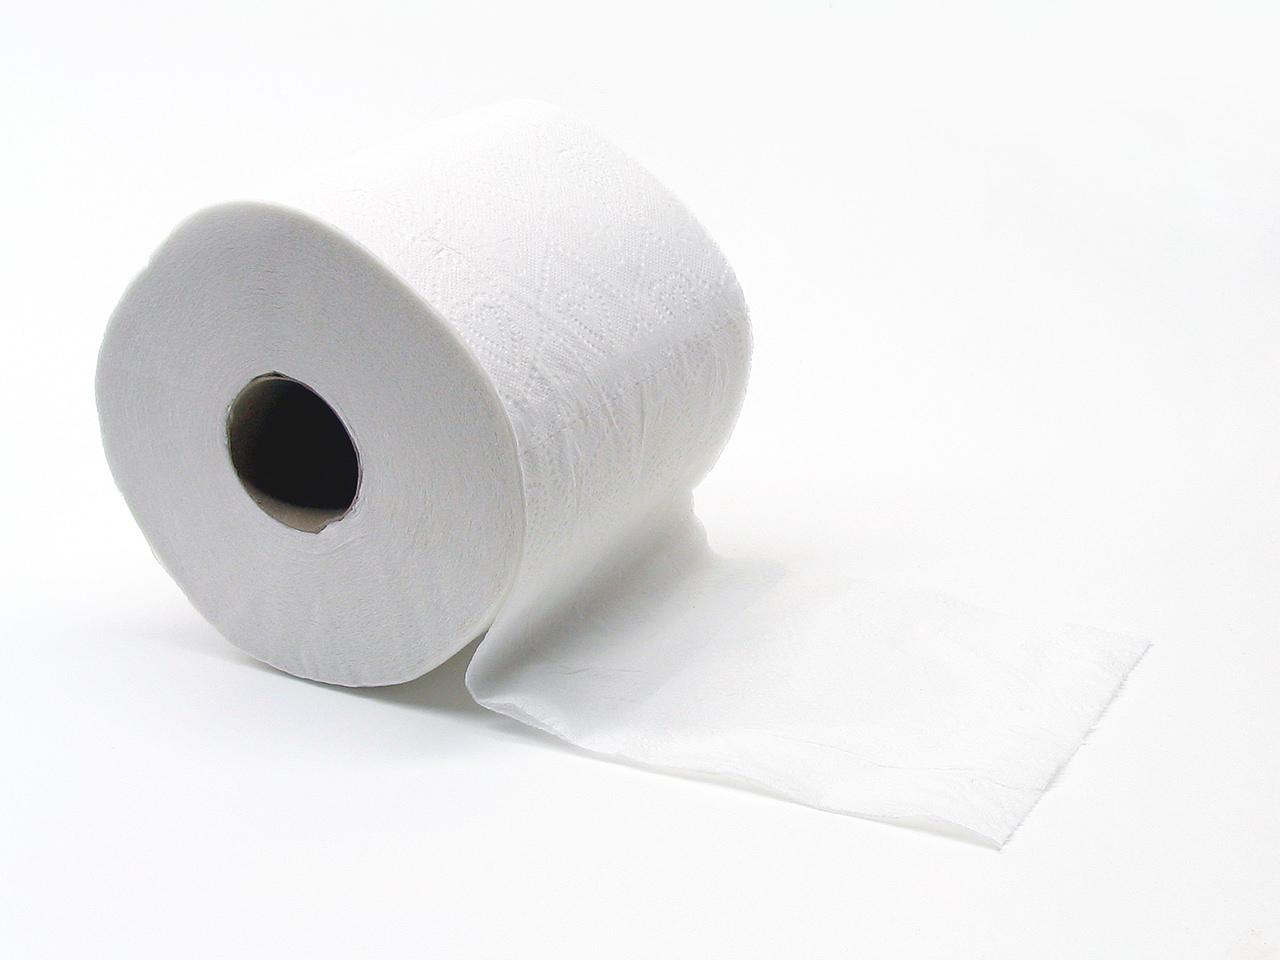 のぐち英一郎の鹿児島ガイド #7 「トイレットペーパーがない!」